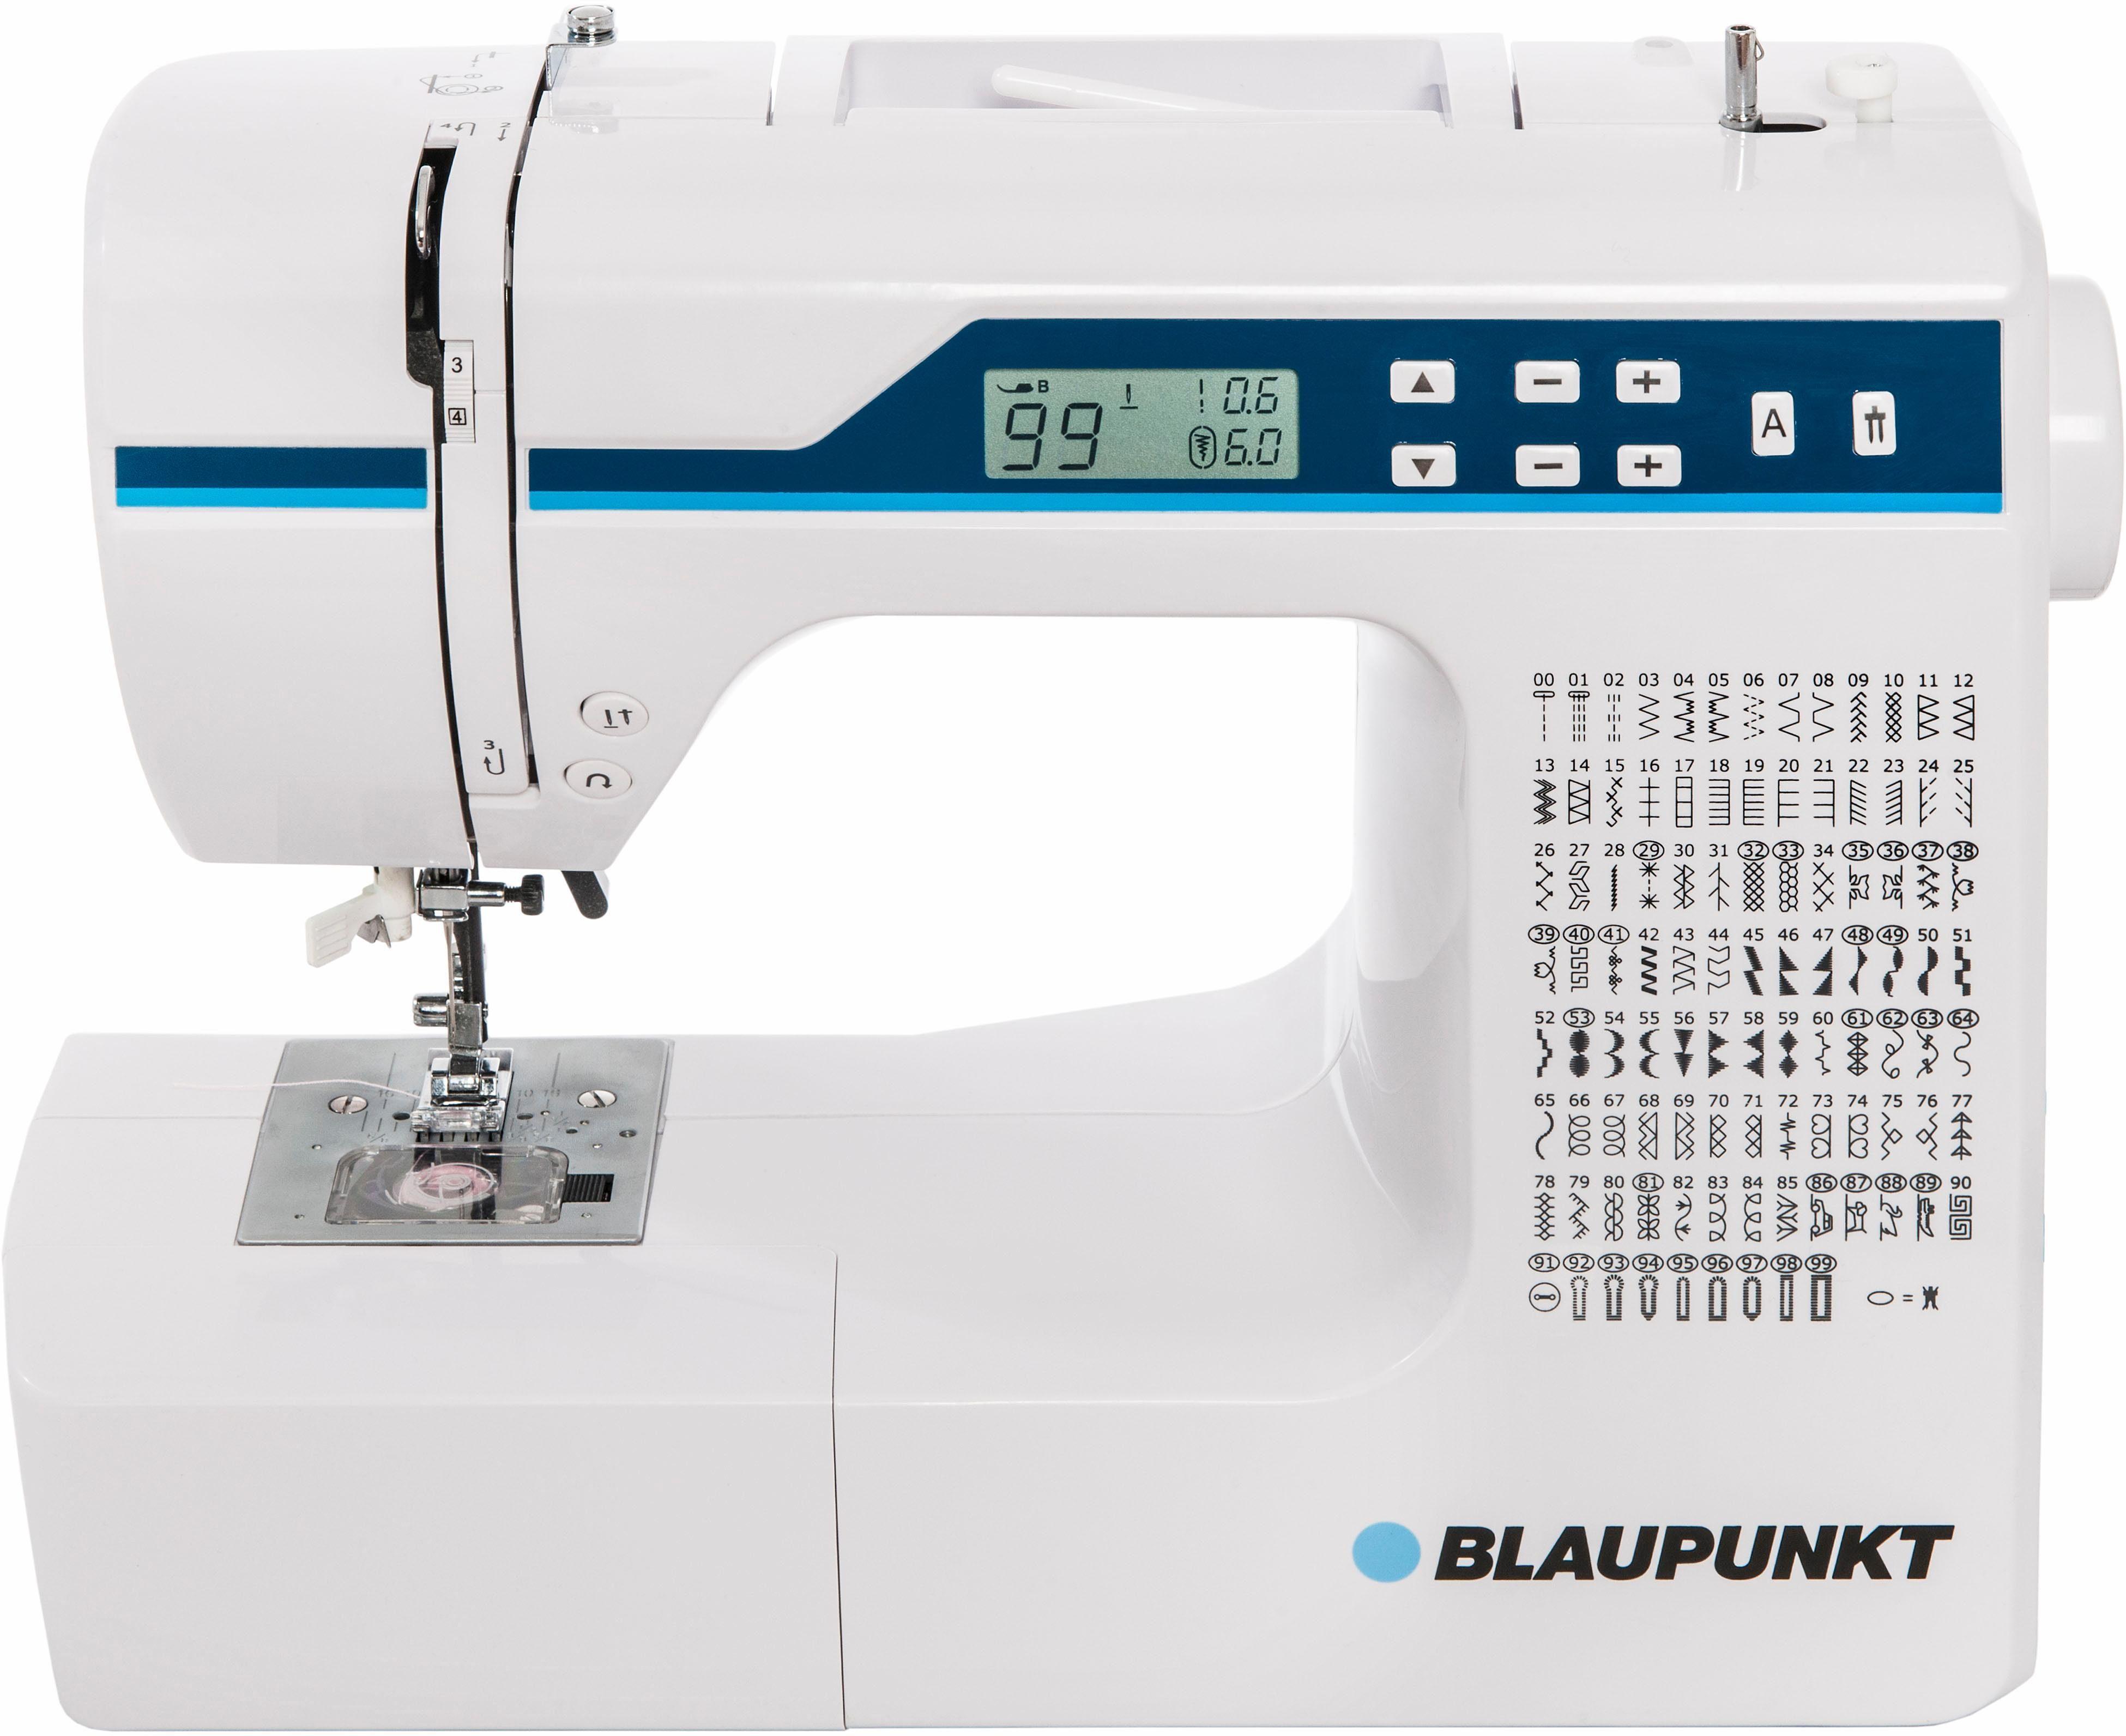 Blaupunkt Nähmaschine Comfort 930, 200 Stichprogramme, mit Zubehör